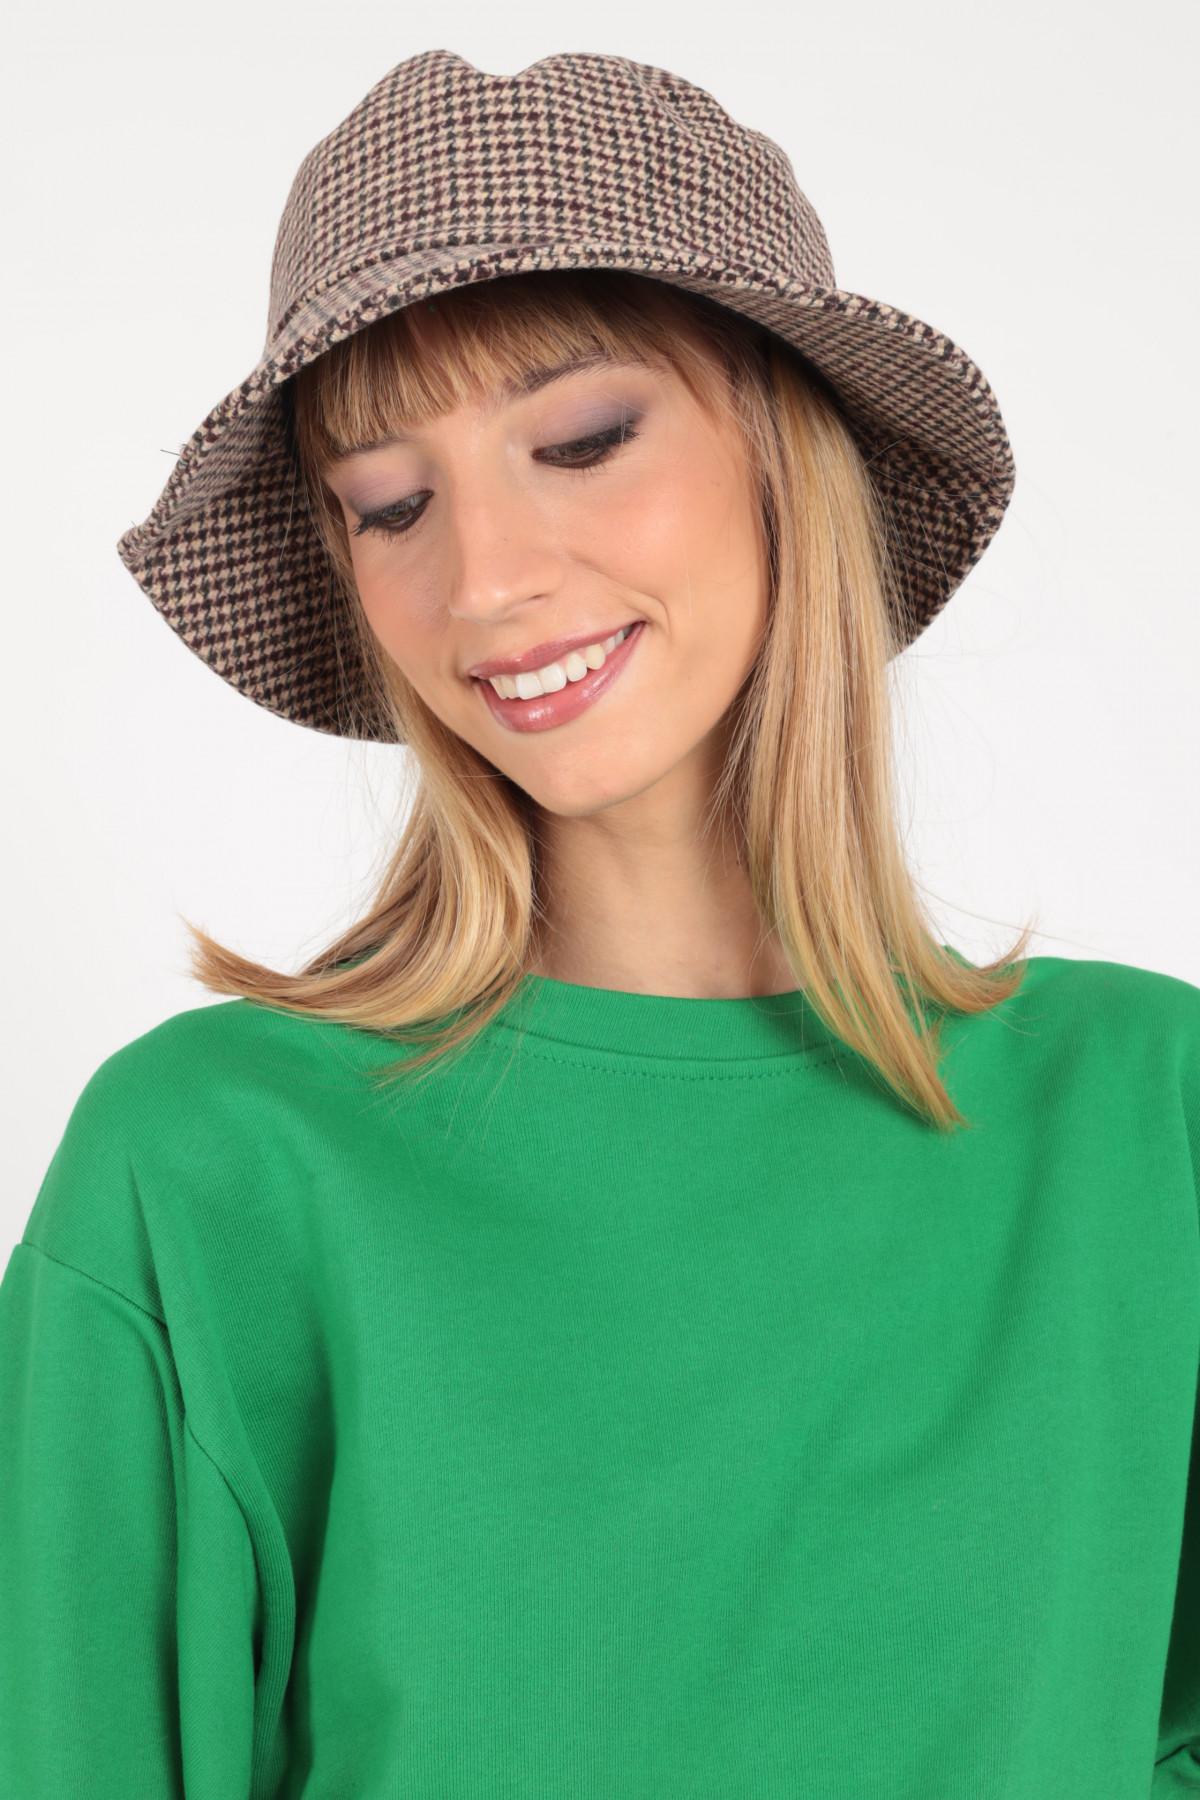 Fishing Hat in Pied de Poule Pattern